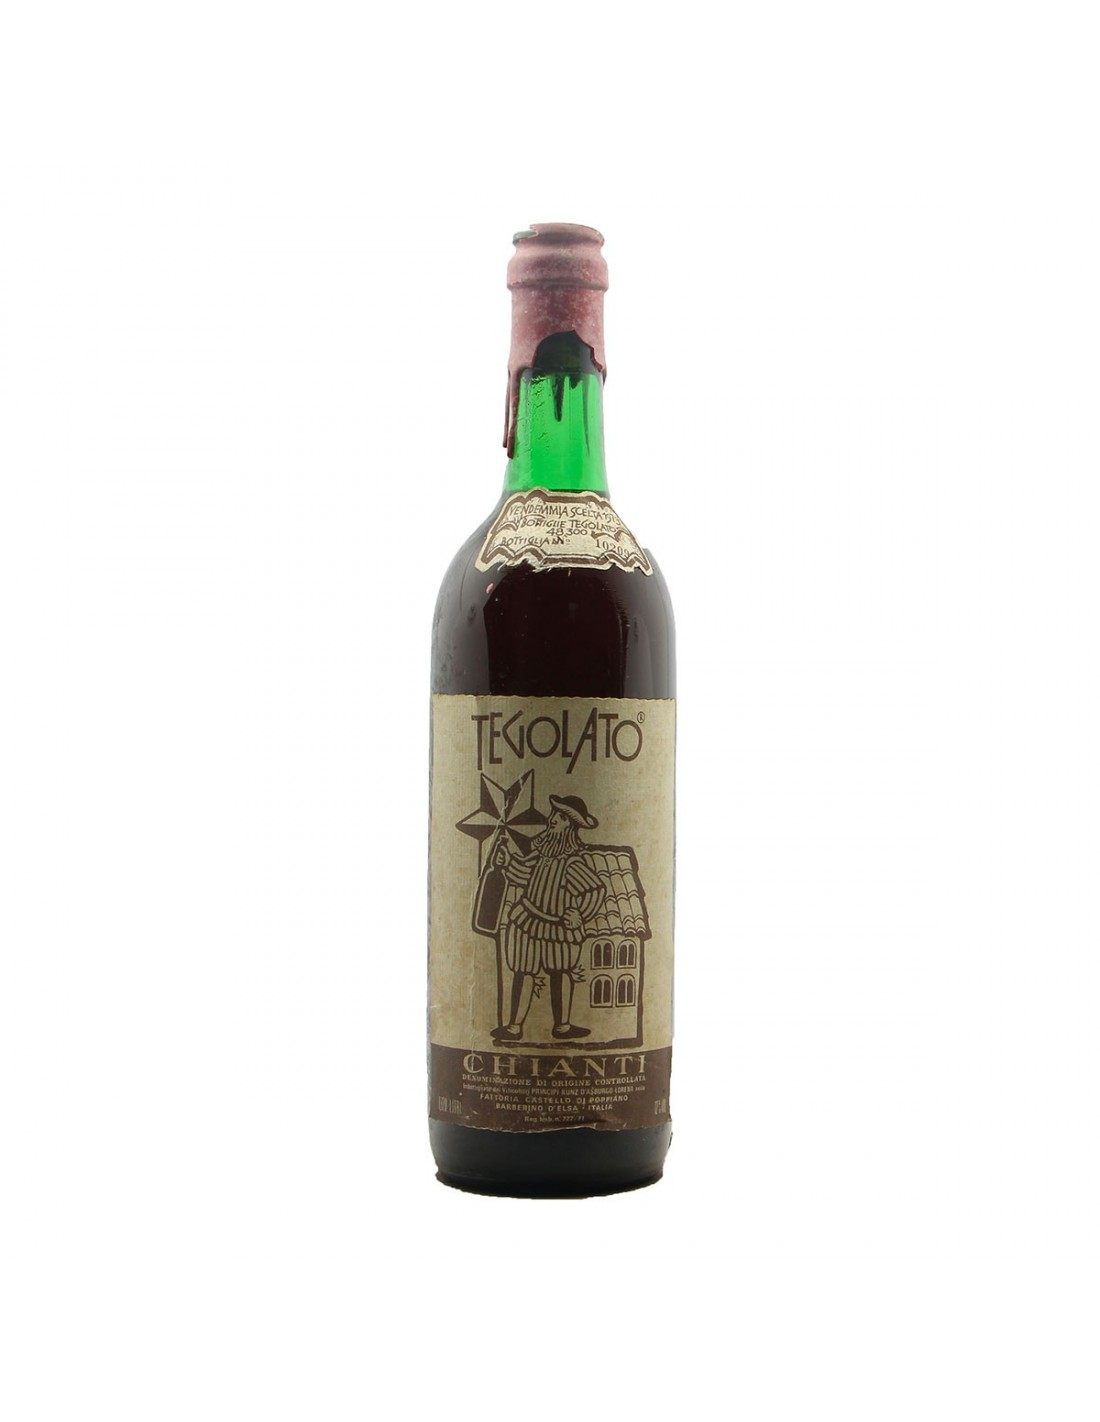 CHIANTI TEGOLATO 1973 PRINCIPE KUNZ D'ASBURGO LORENA Grandi Bottiglie